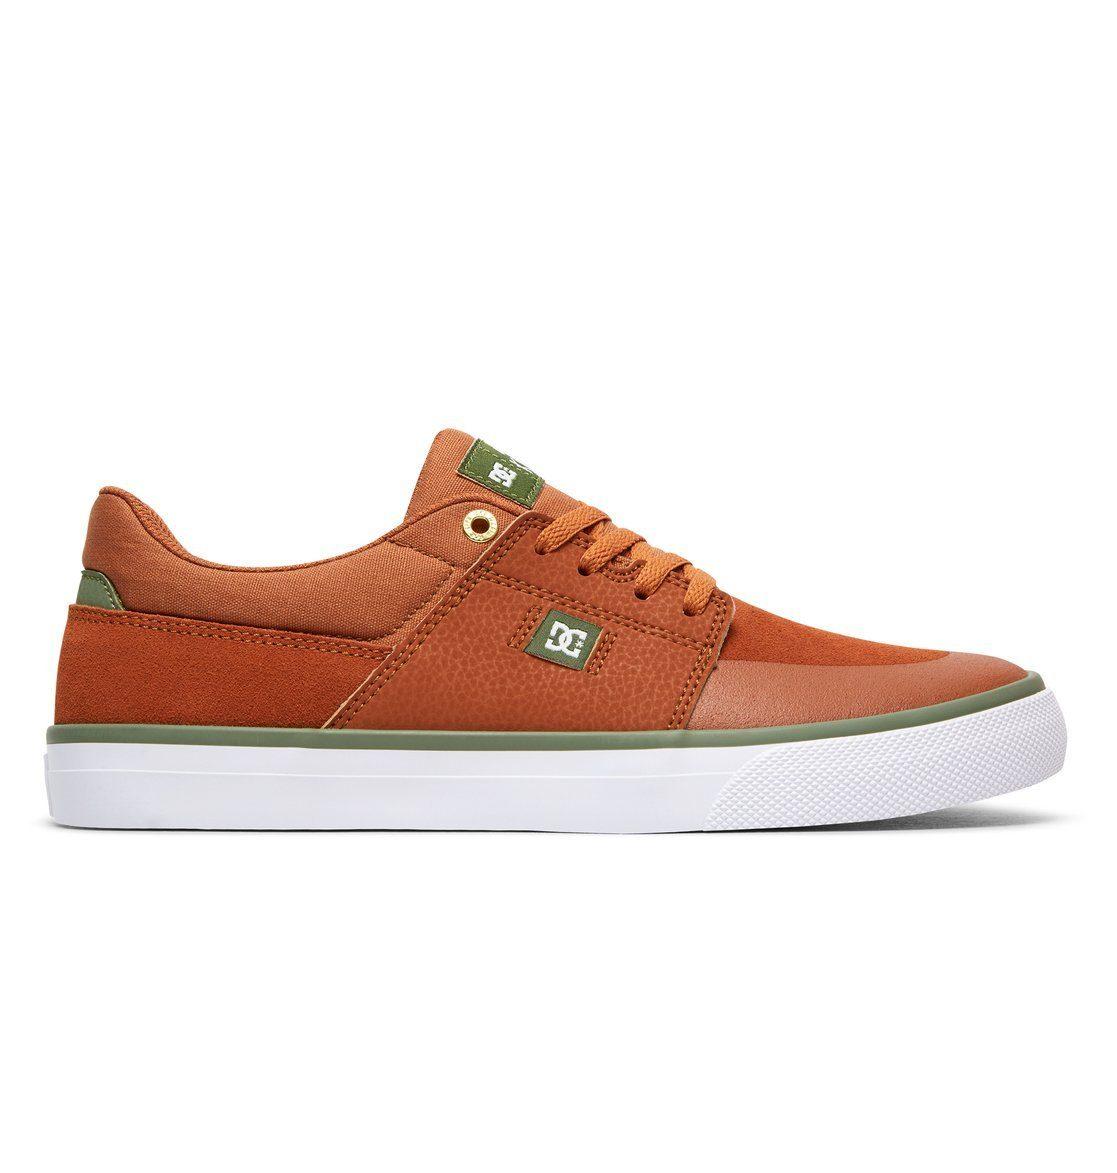 DC Shoes Schuhe Wes Kremer online kaufen  Brown#ft5_slash#brown#ft5_slash#green